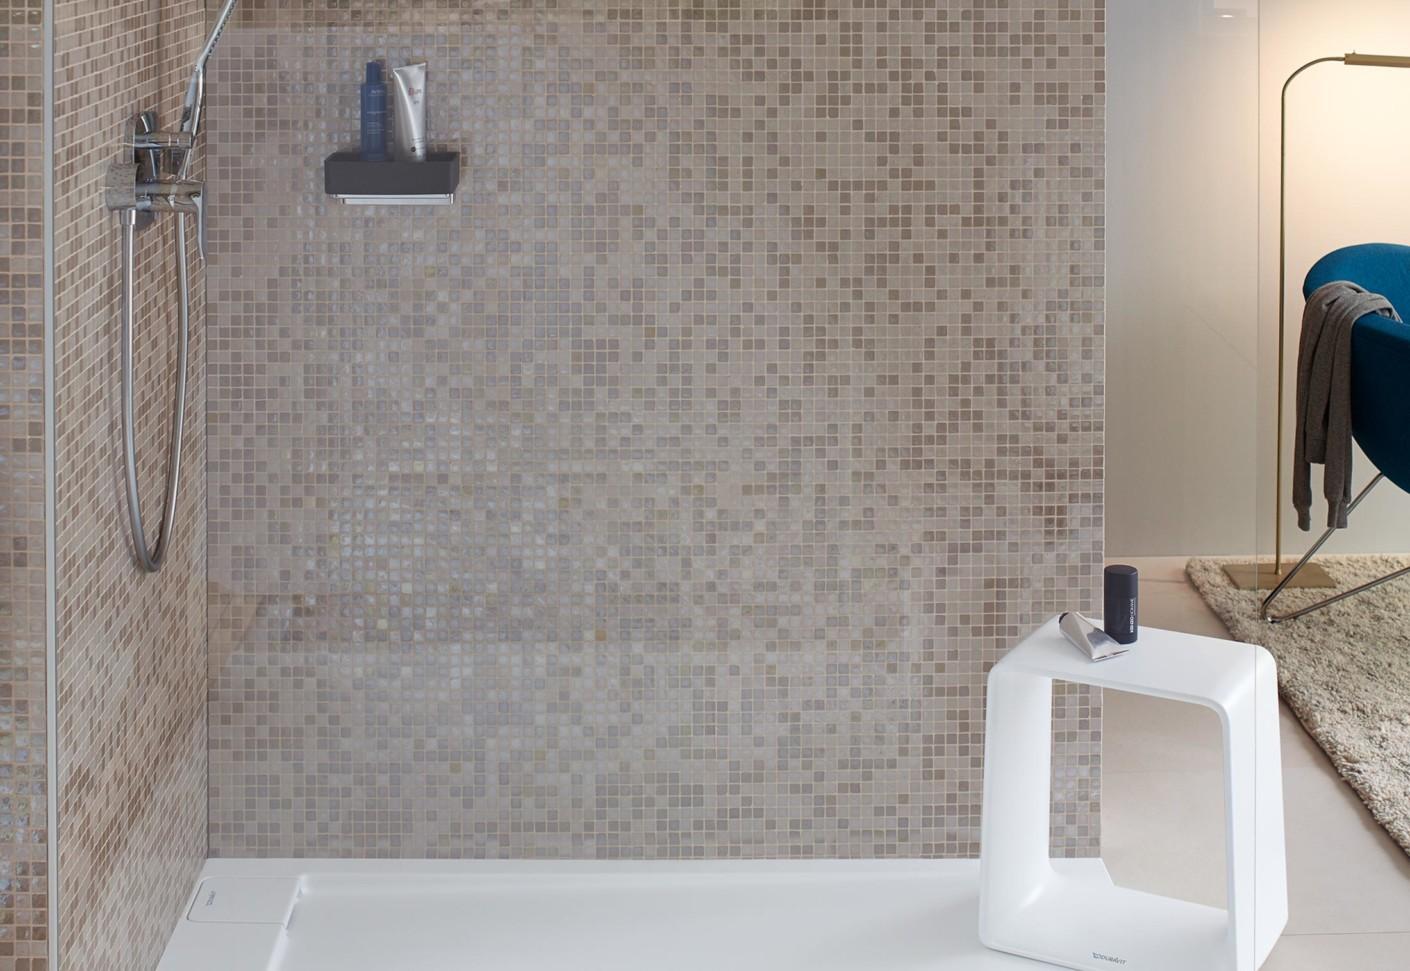 p3 comforts duschwanne von duravit stylepark. Black Bedroom Furniture Sets. Home Design Ideas